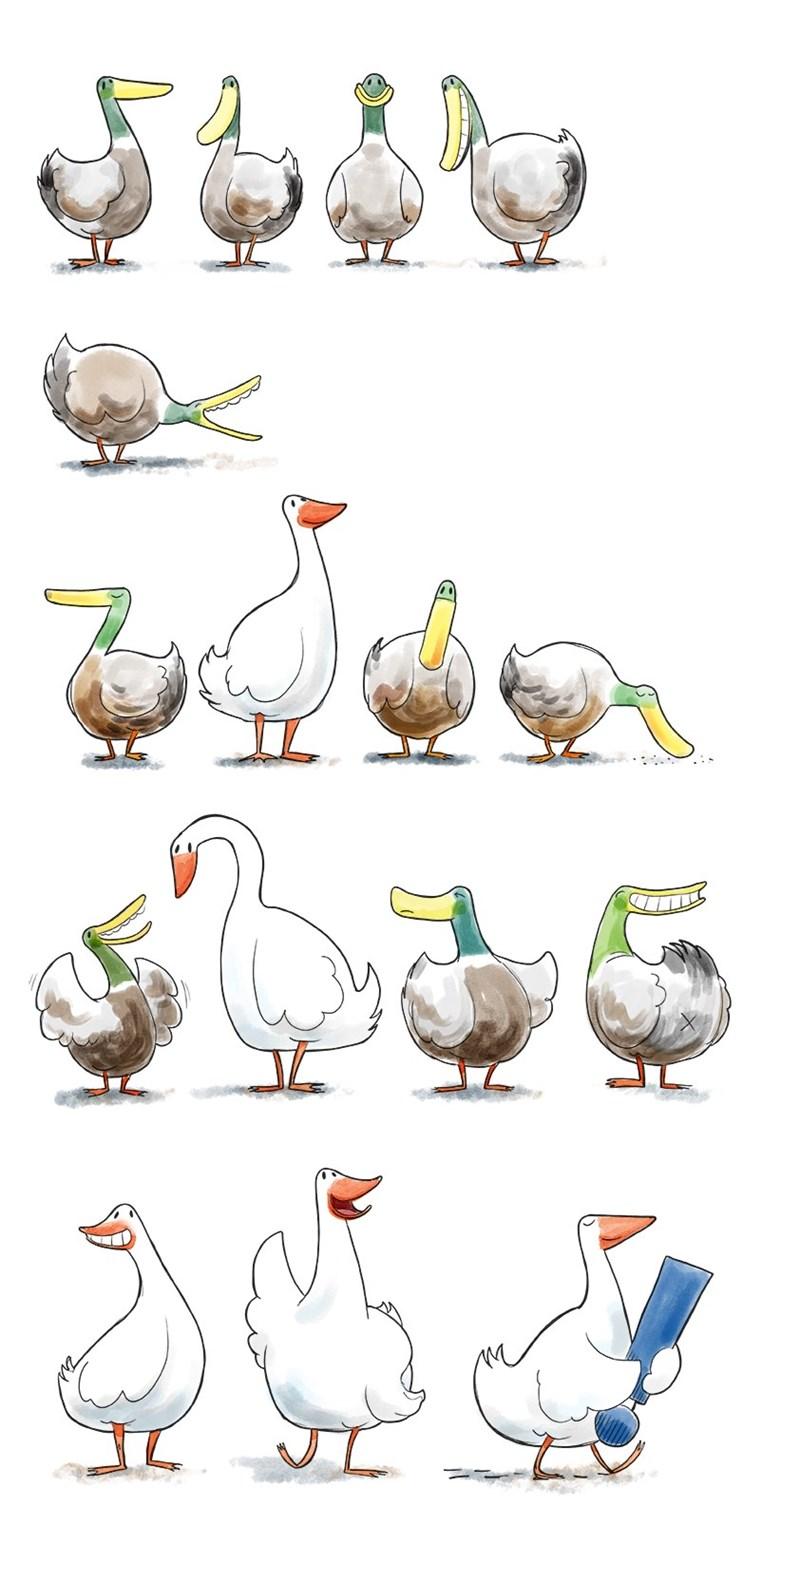 code-cracking-with-birds-fun-web-comics